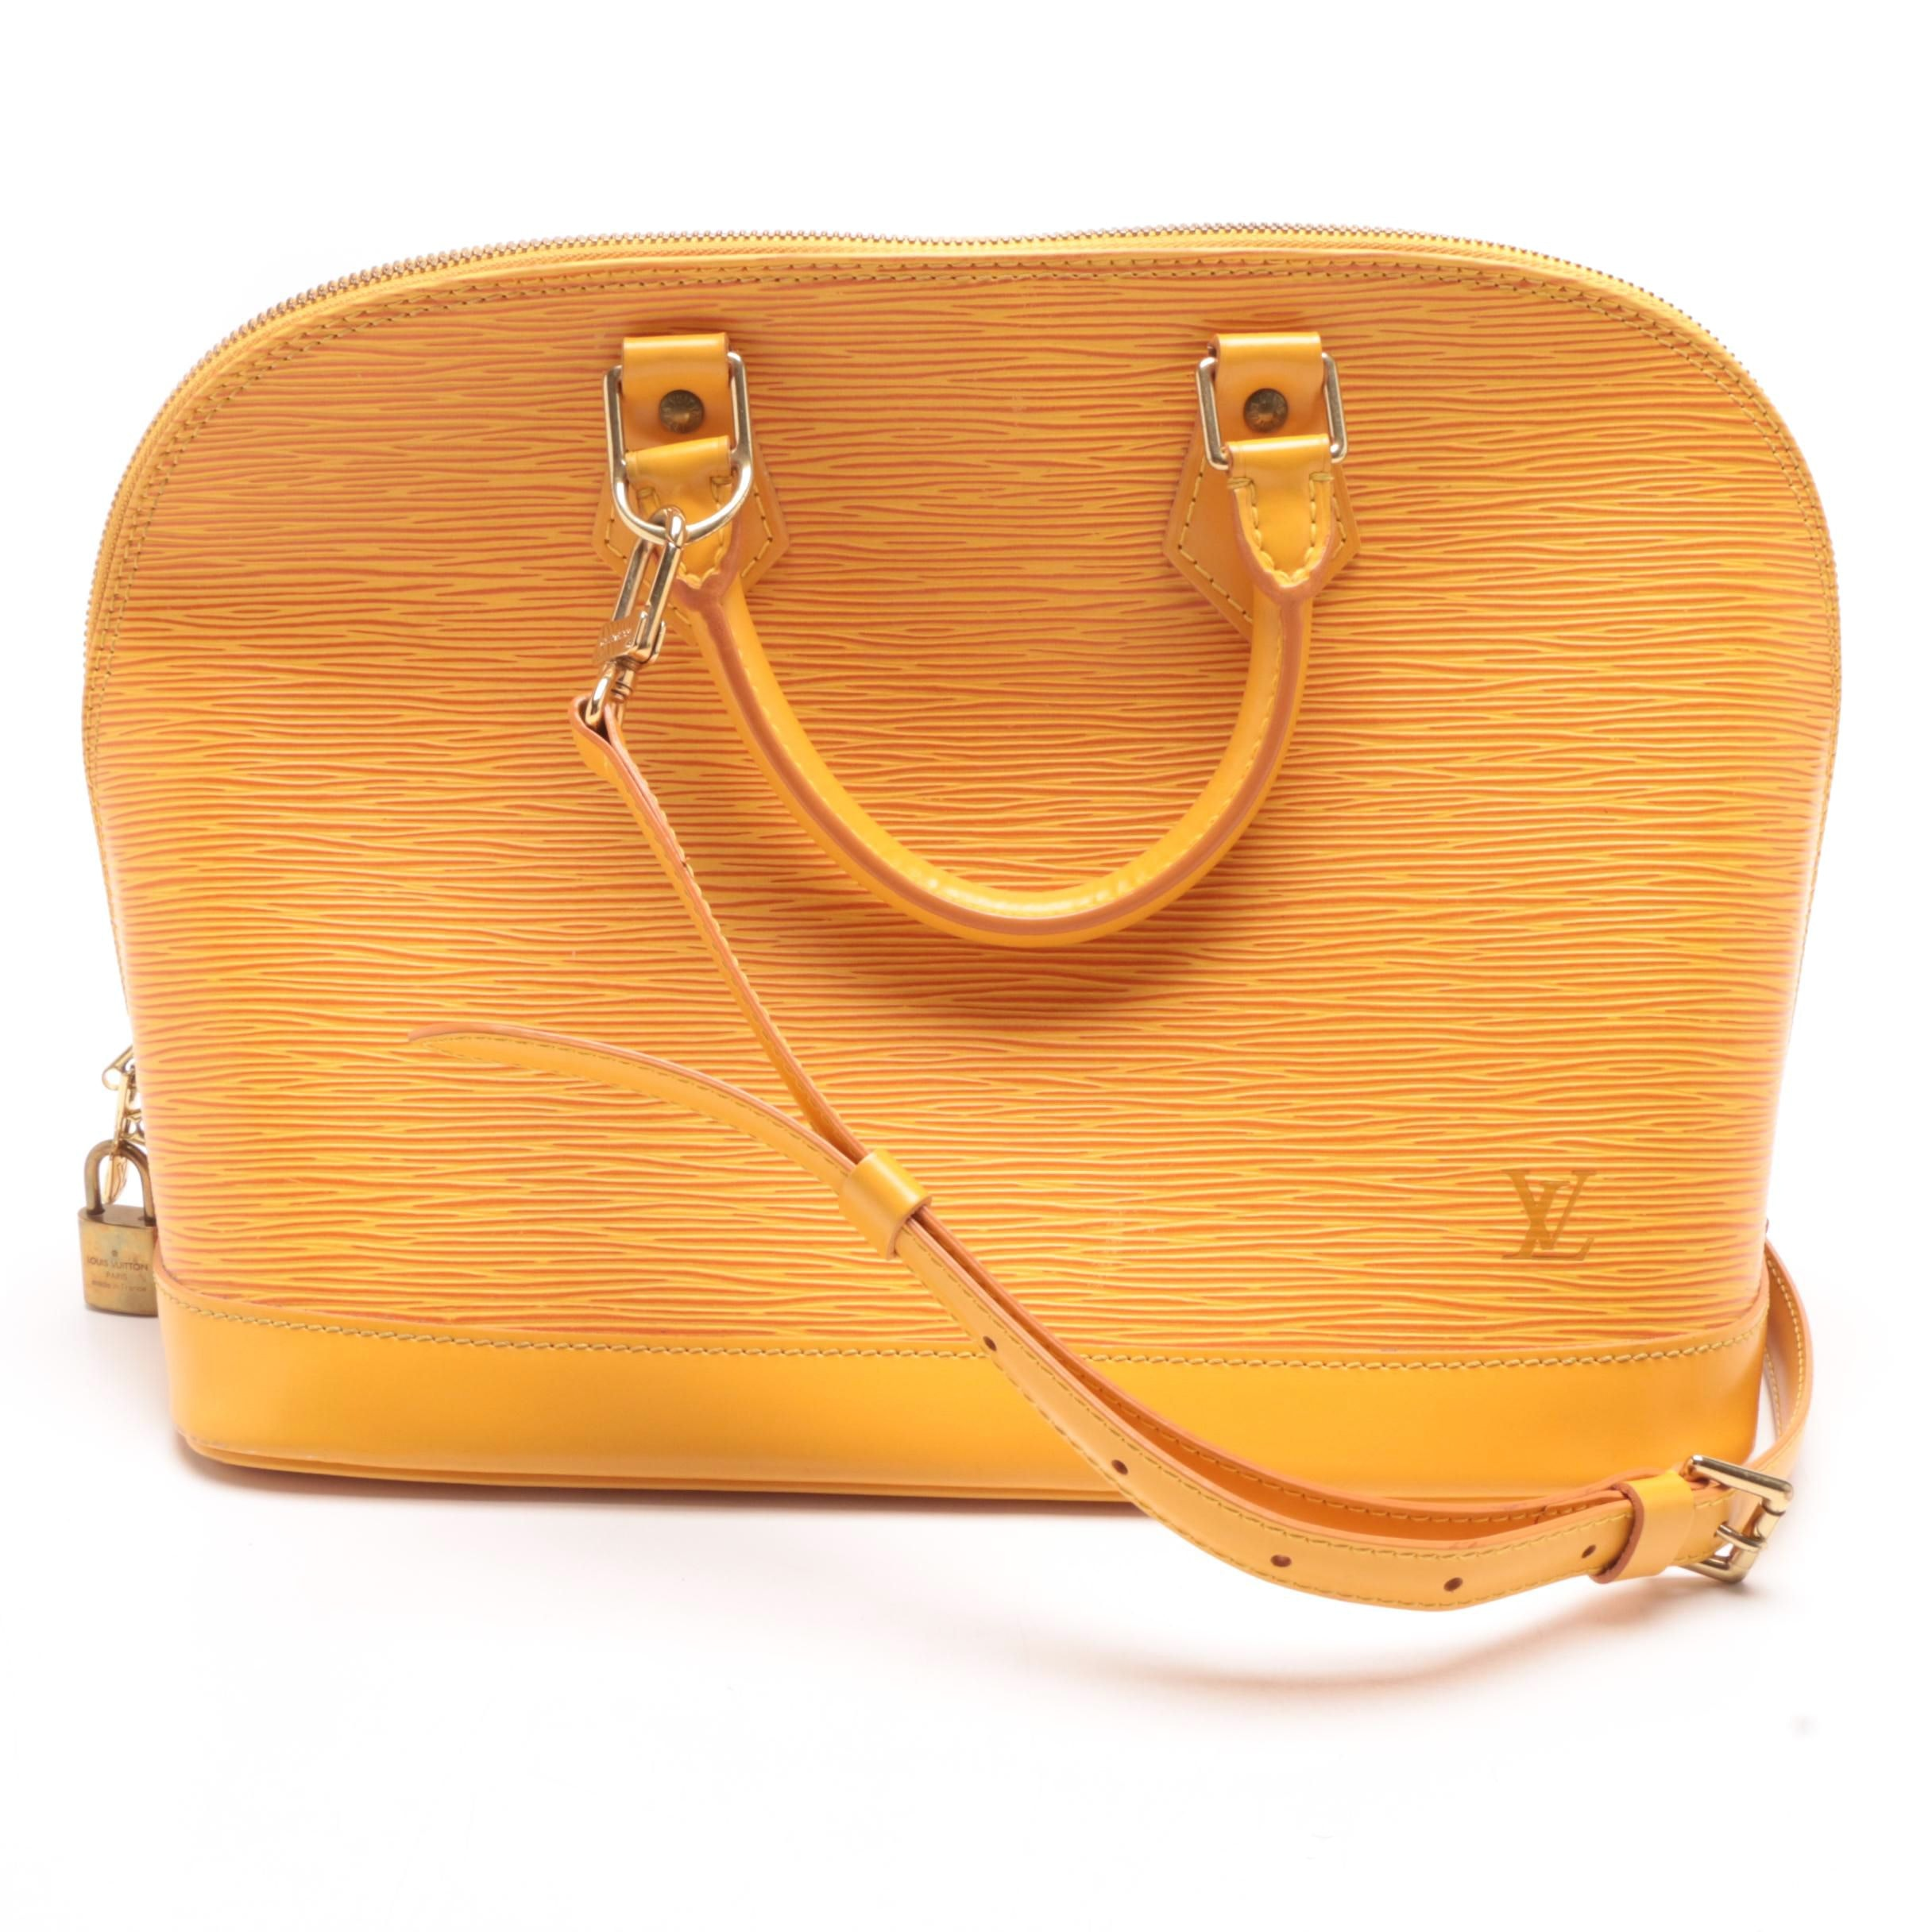 1998 Louis Vuitton Paris Mandarin Epi Leather Alma